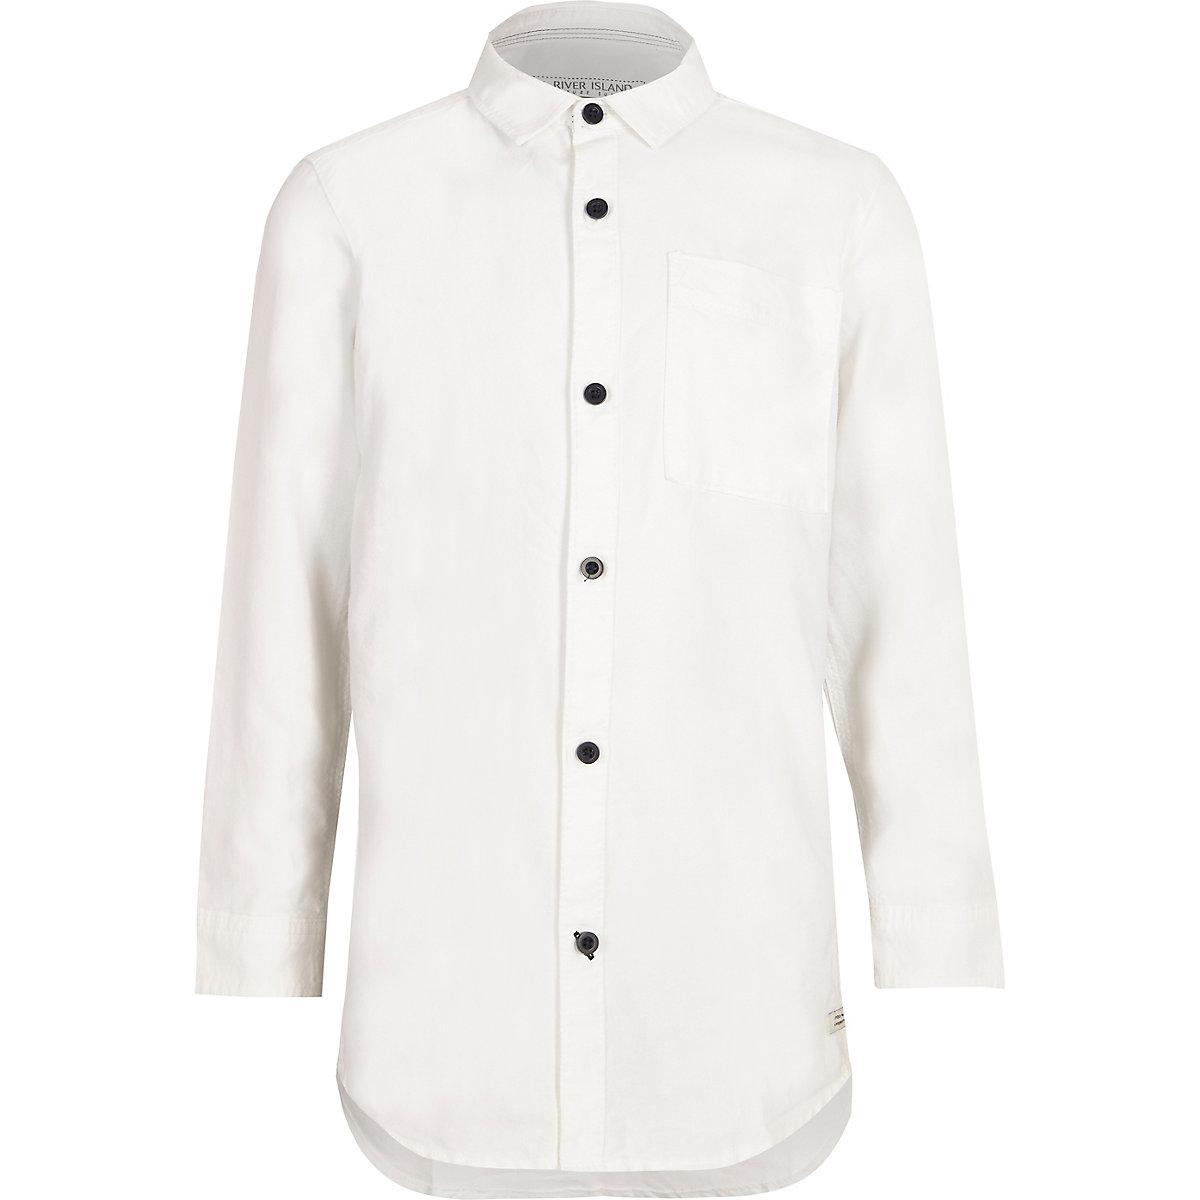 Chemise Oxford blanche à manches longues pour garçon